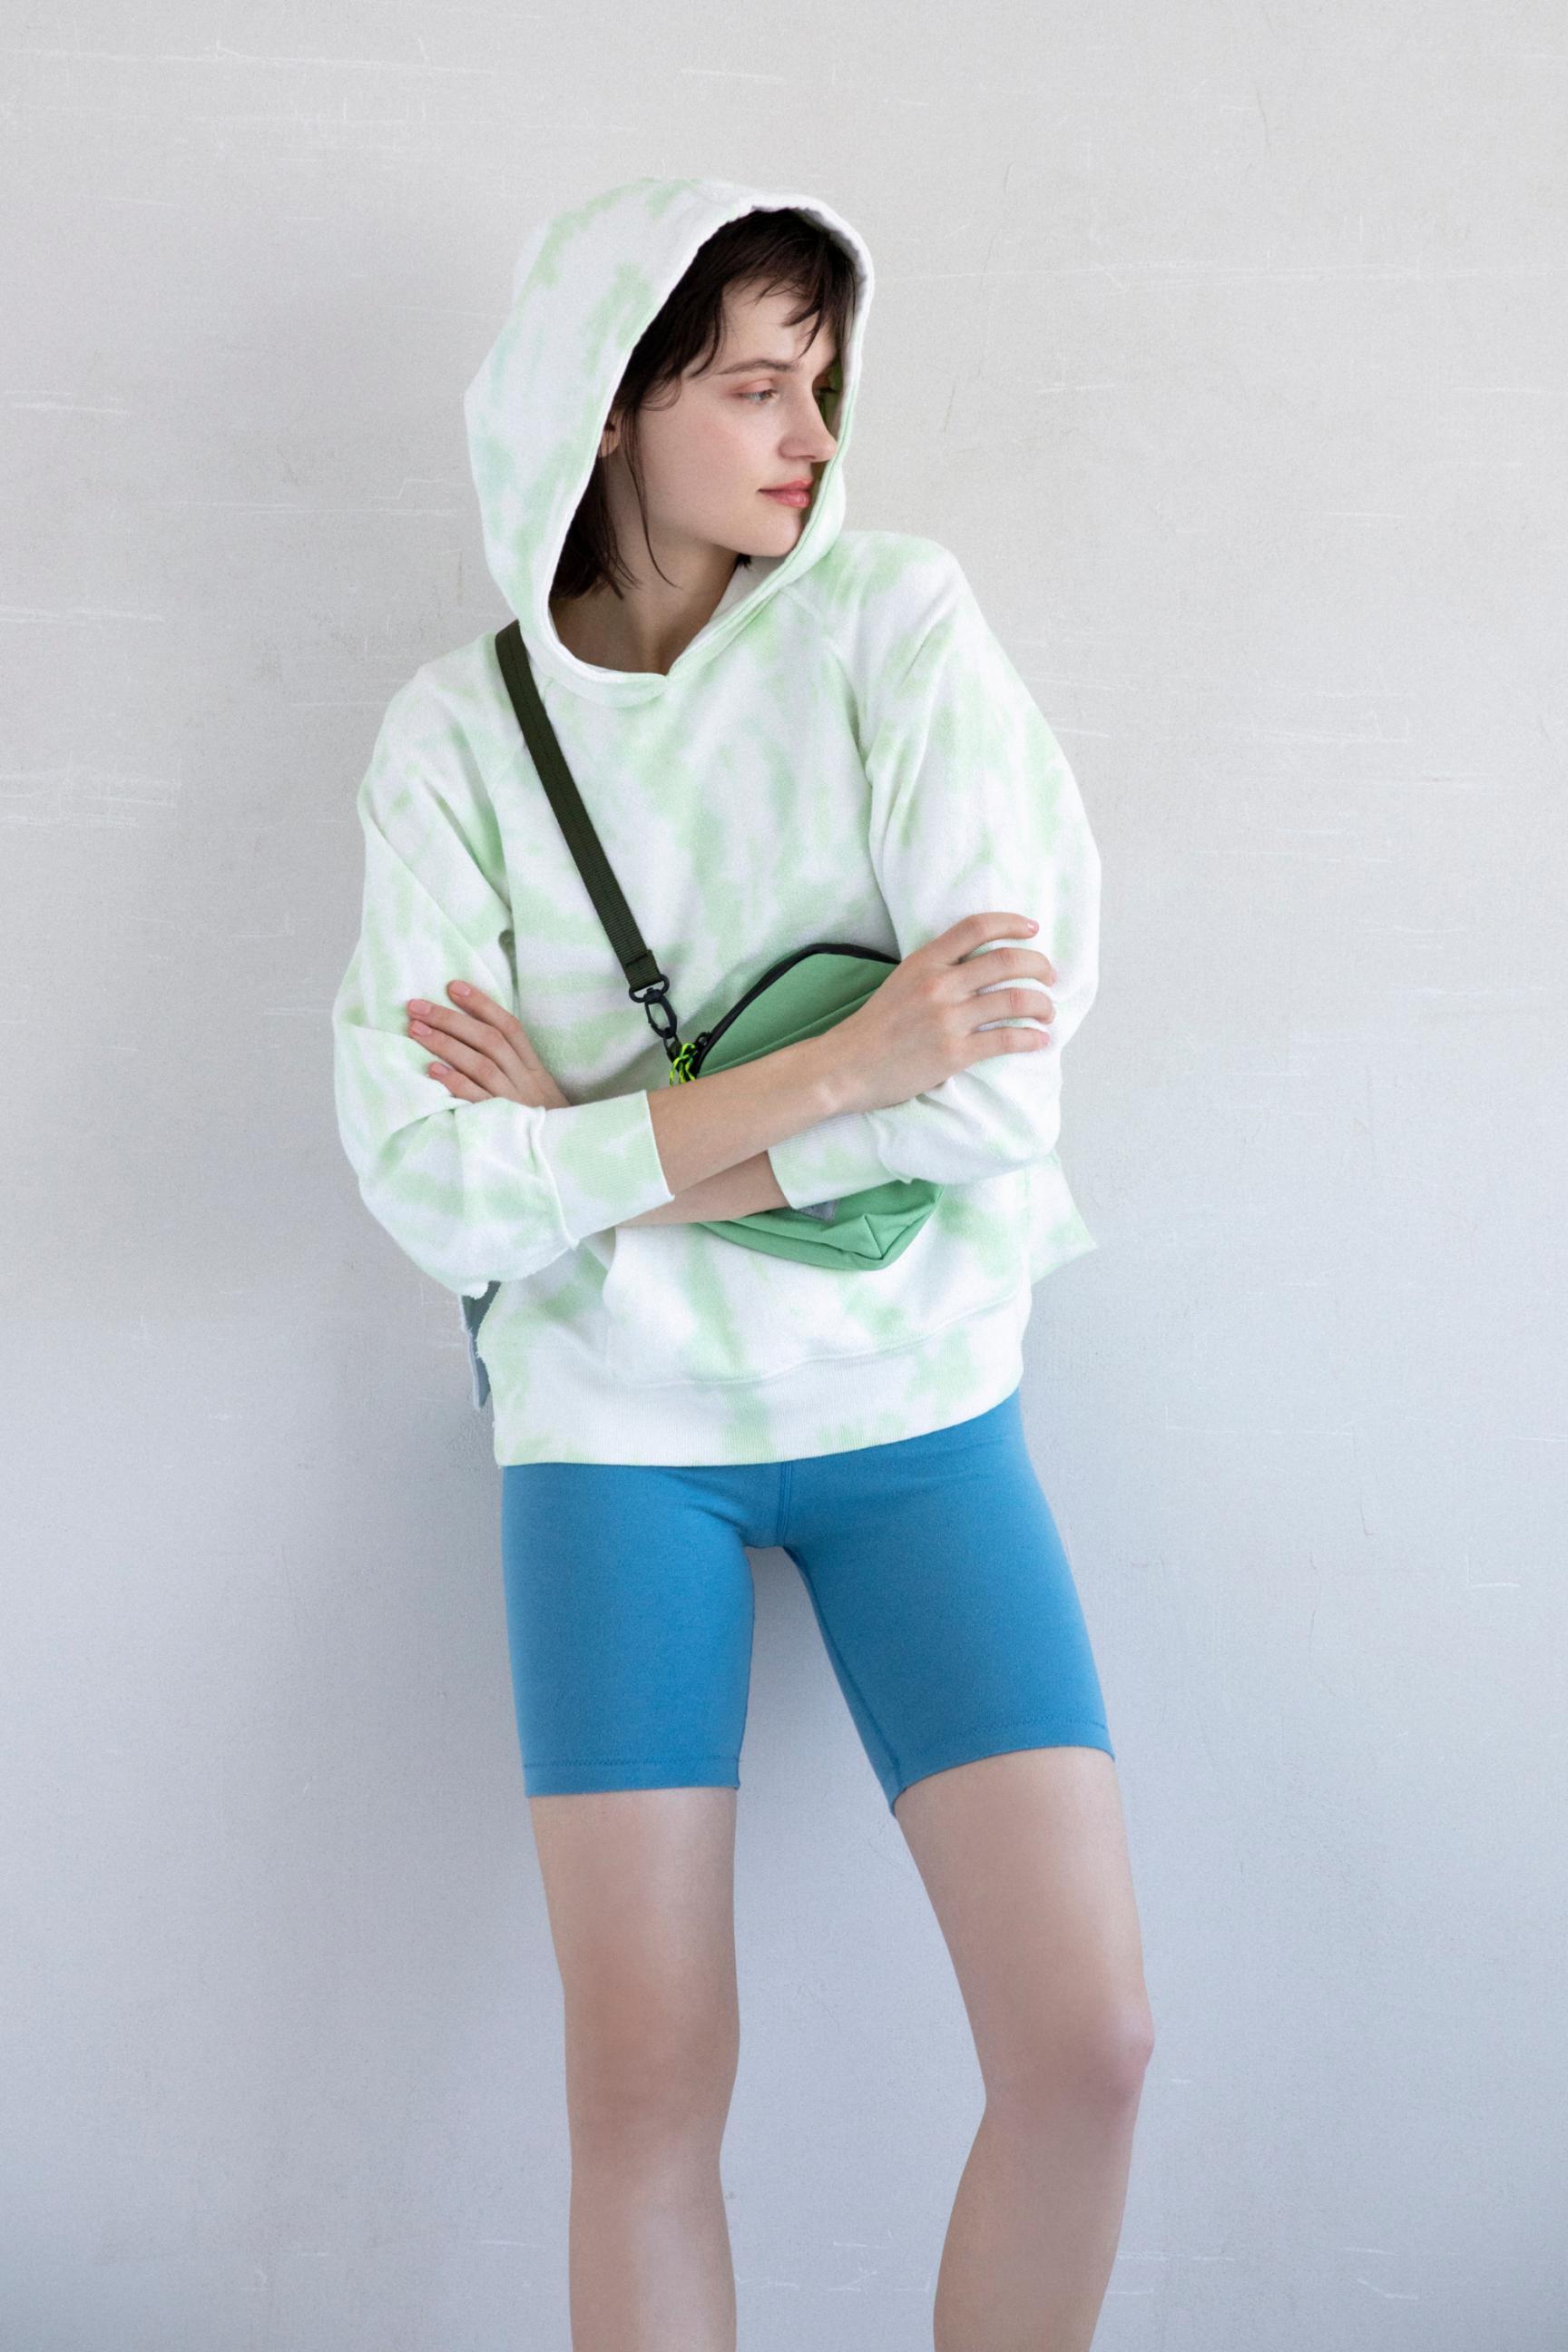 17_2 hoodie¥23,100 pants¥8,800 bag¥9,900